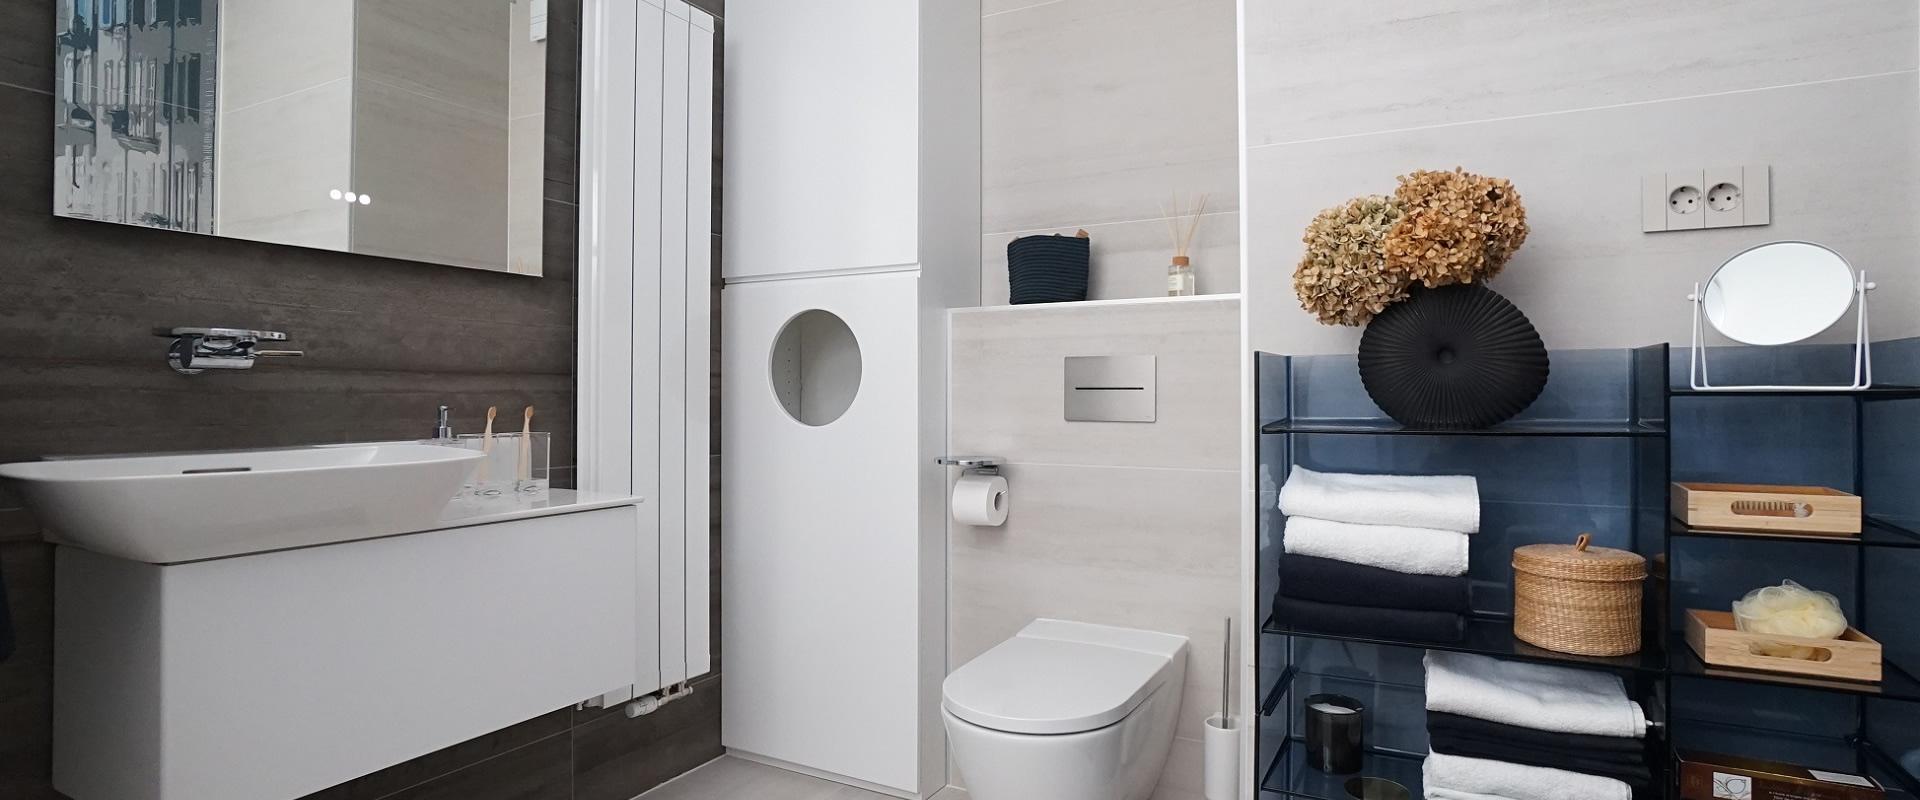 Odabir jedinstvene kupaonske galanterije za završno uređenje kupaonice